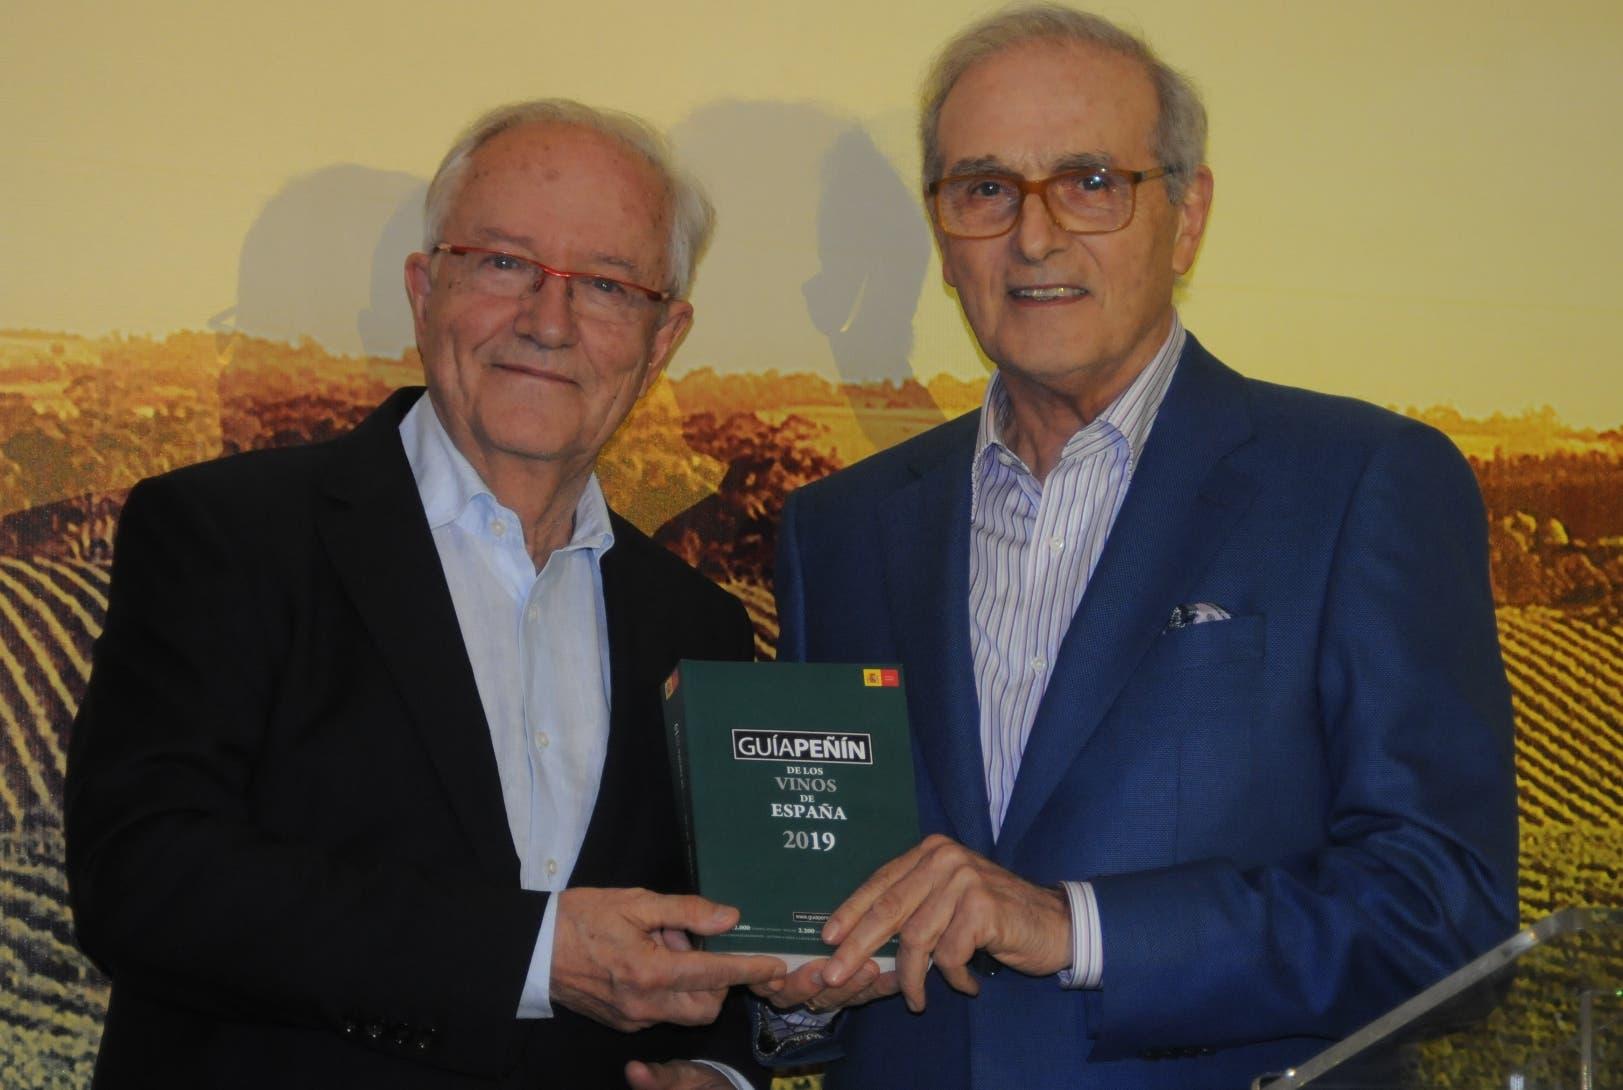 José Peñín entrega su más reciente guía de vinos al propietario de Supermercados Bravo,  Rafael Monestina.  Nicolás Monegro